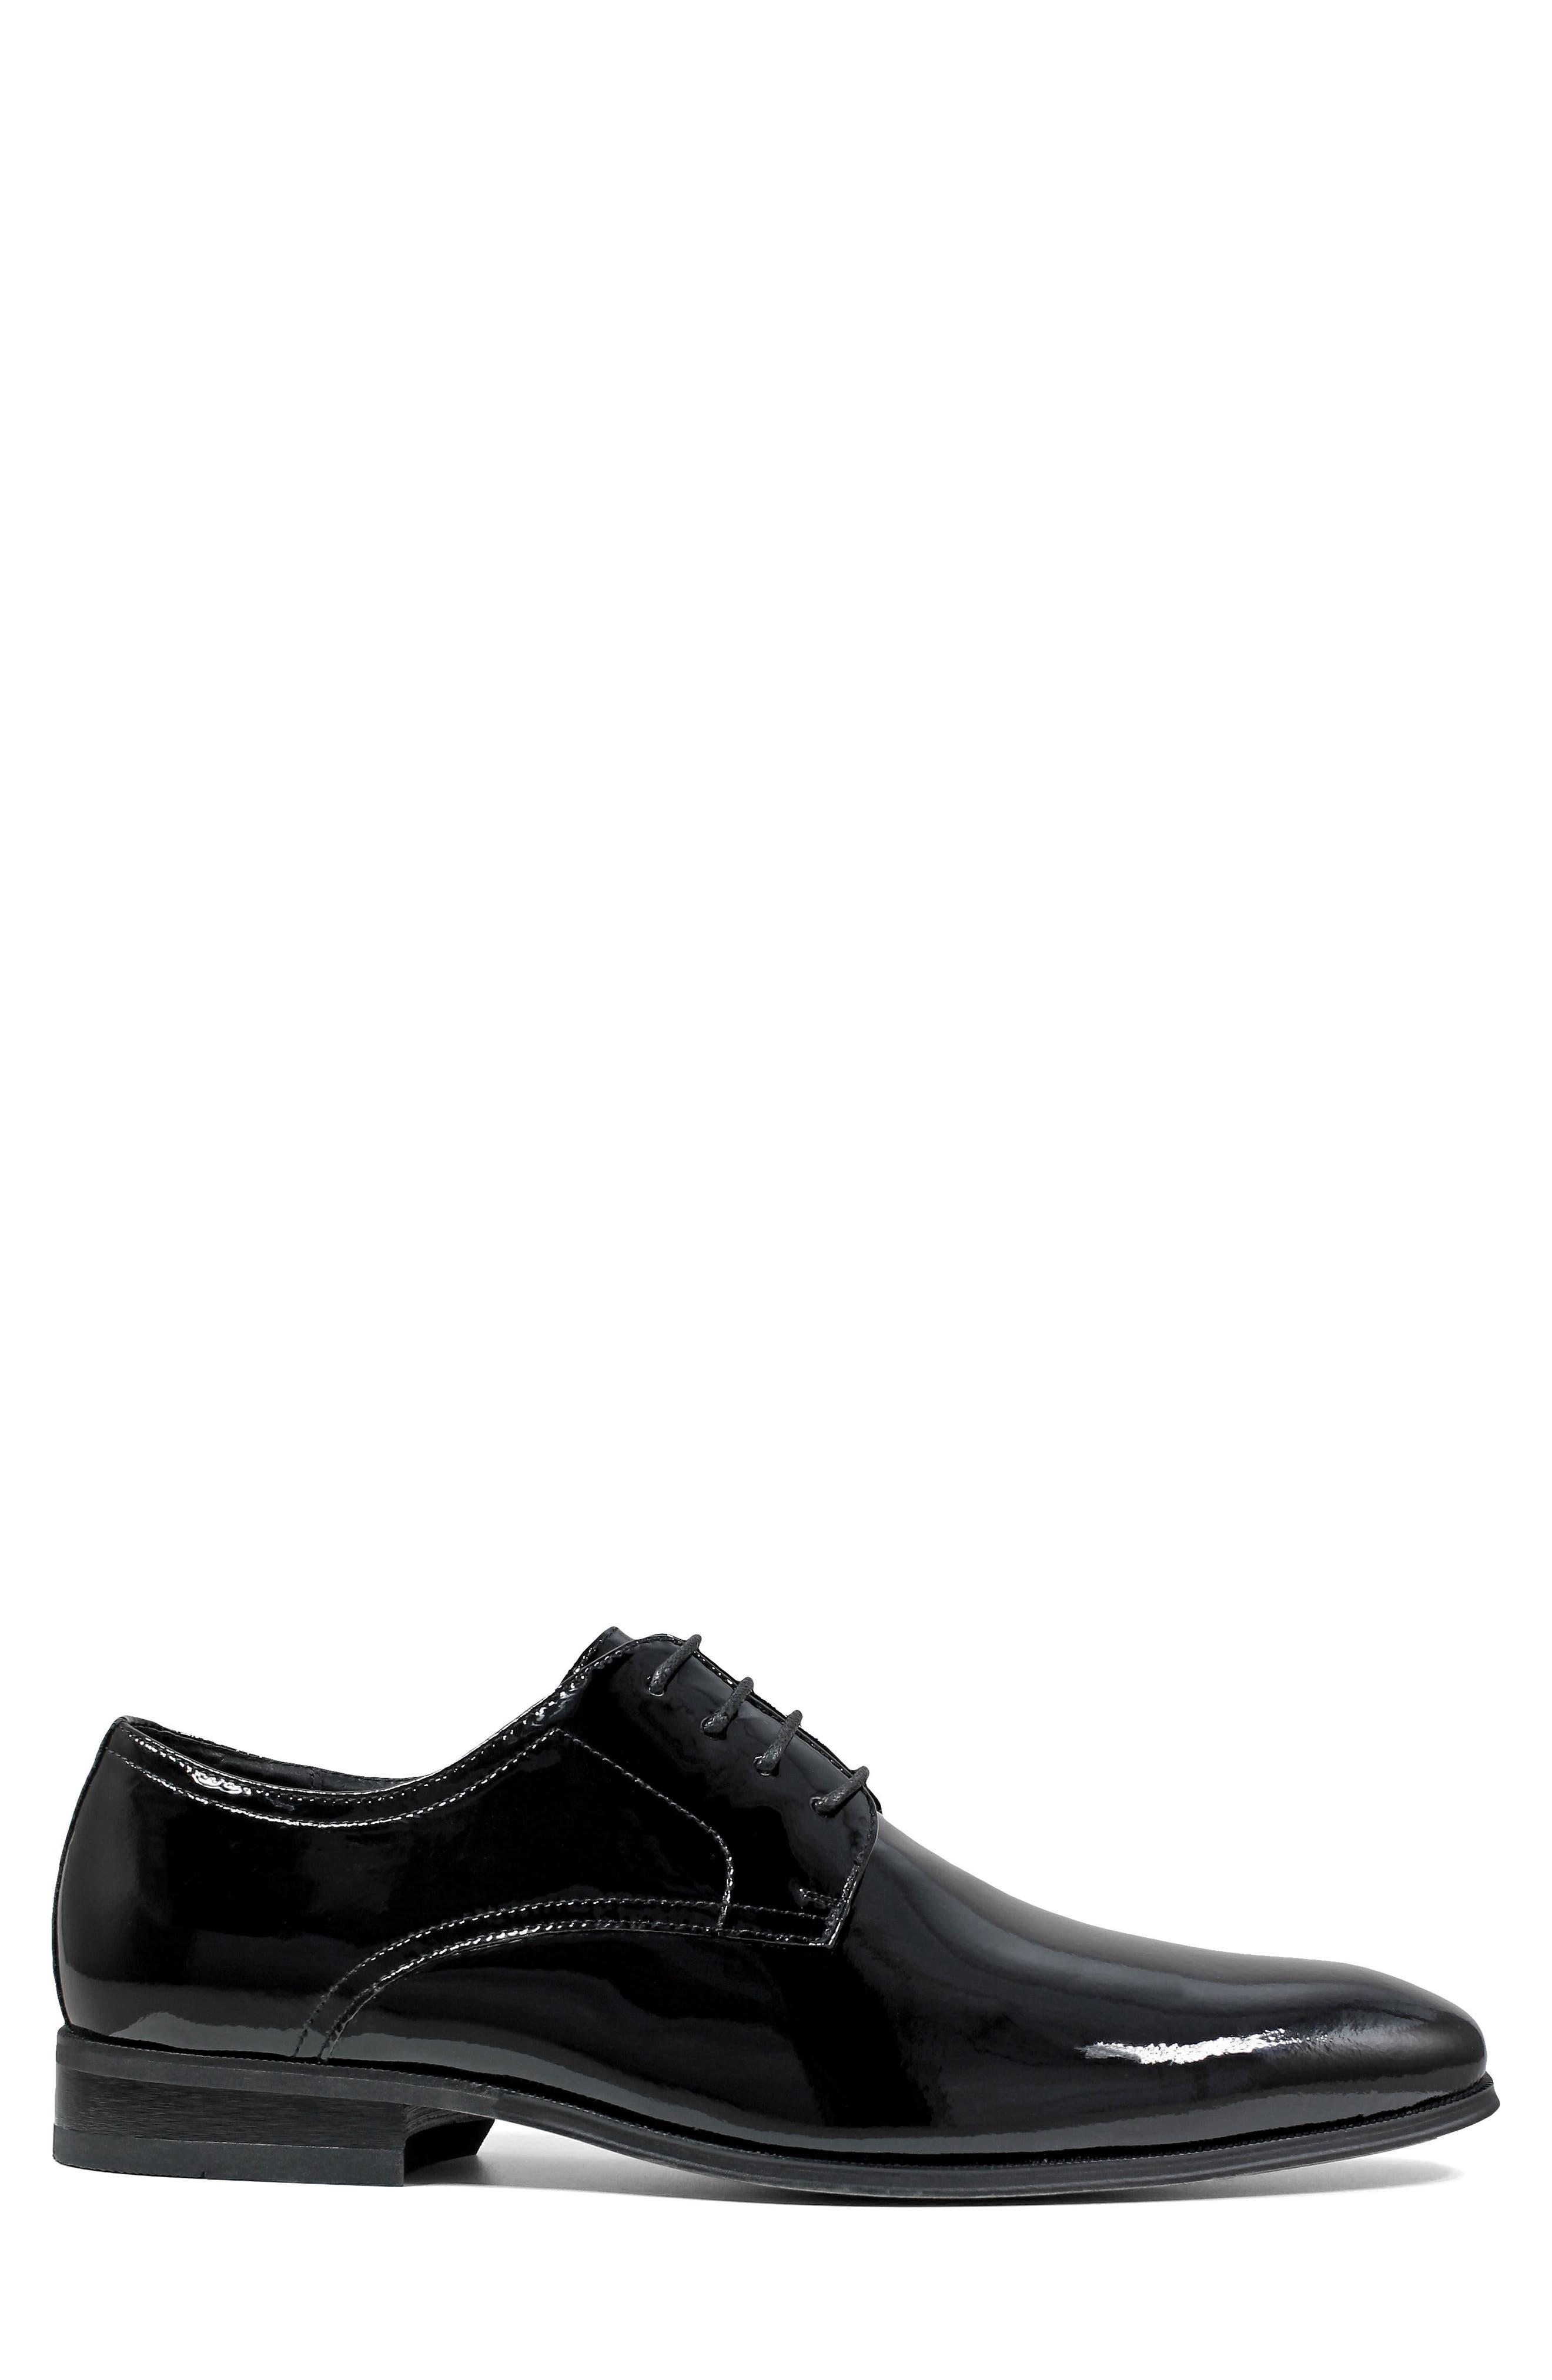 FLORSHEIM, Tux Plain Toe Derby, Alternate thumbnail 3, color, BLACK PATENT LEATHER